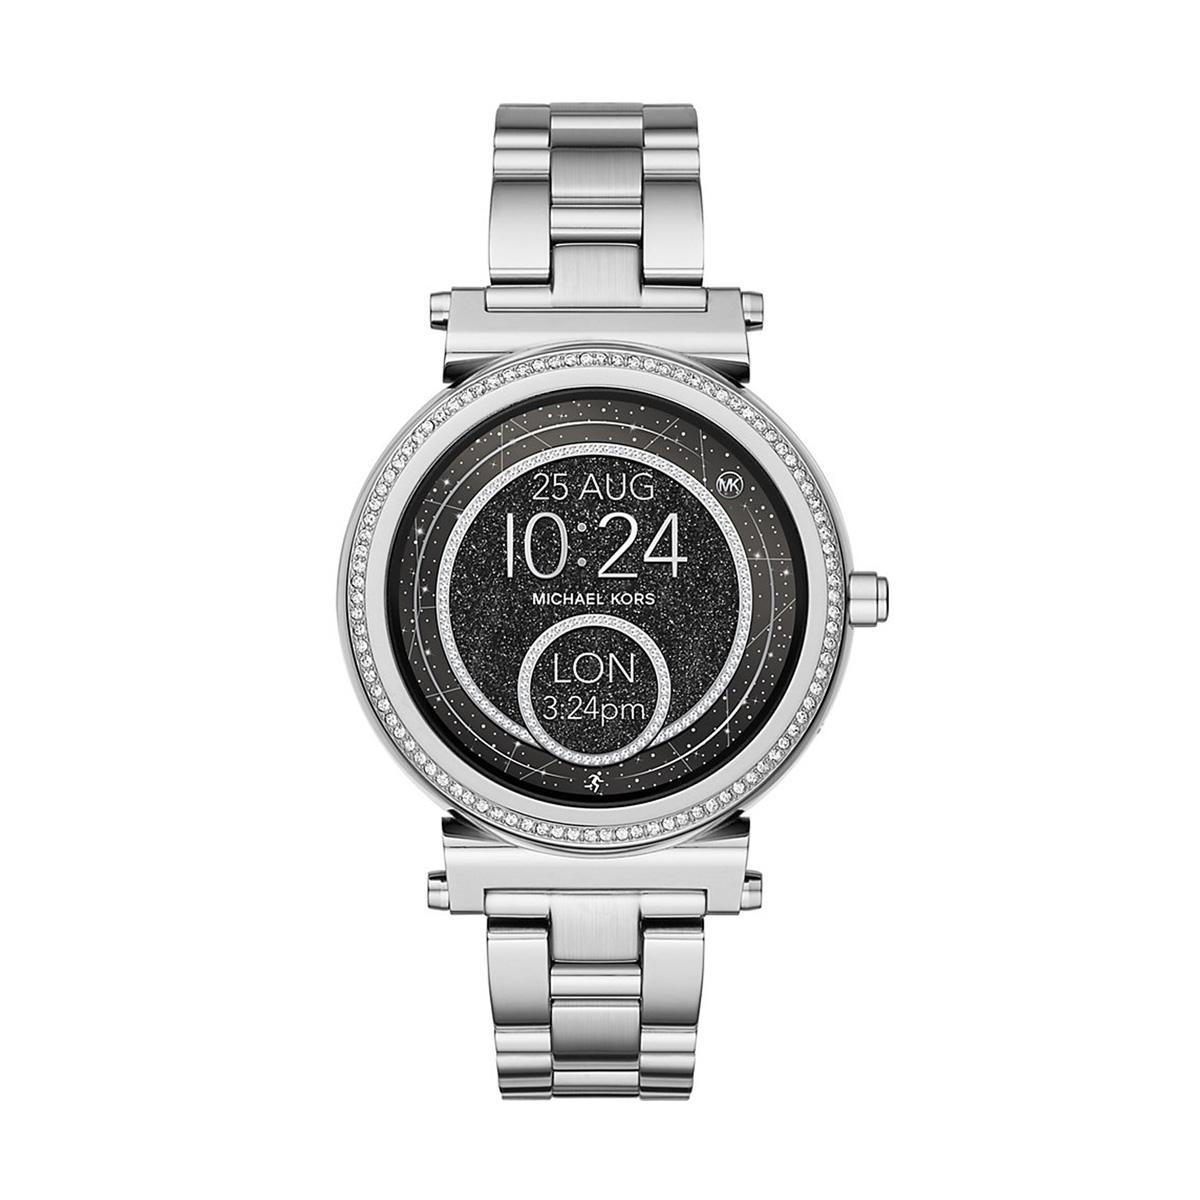 28675fa8829ac Relógio Inteligente MICHAEL KORS Access Sofie (Smartwatch) MKT5020.  Adicionar à Lista de Desejos Remover da Lista de Desejos